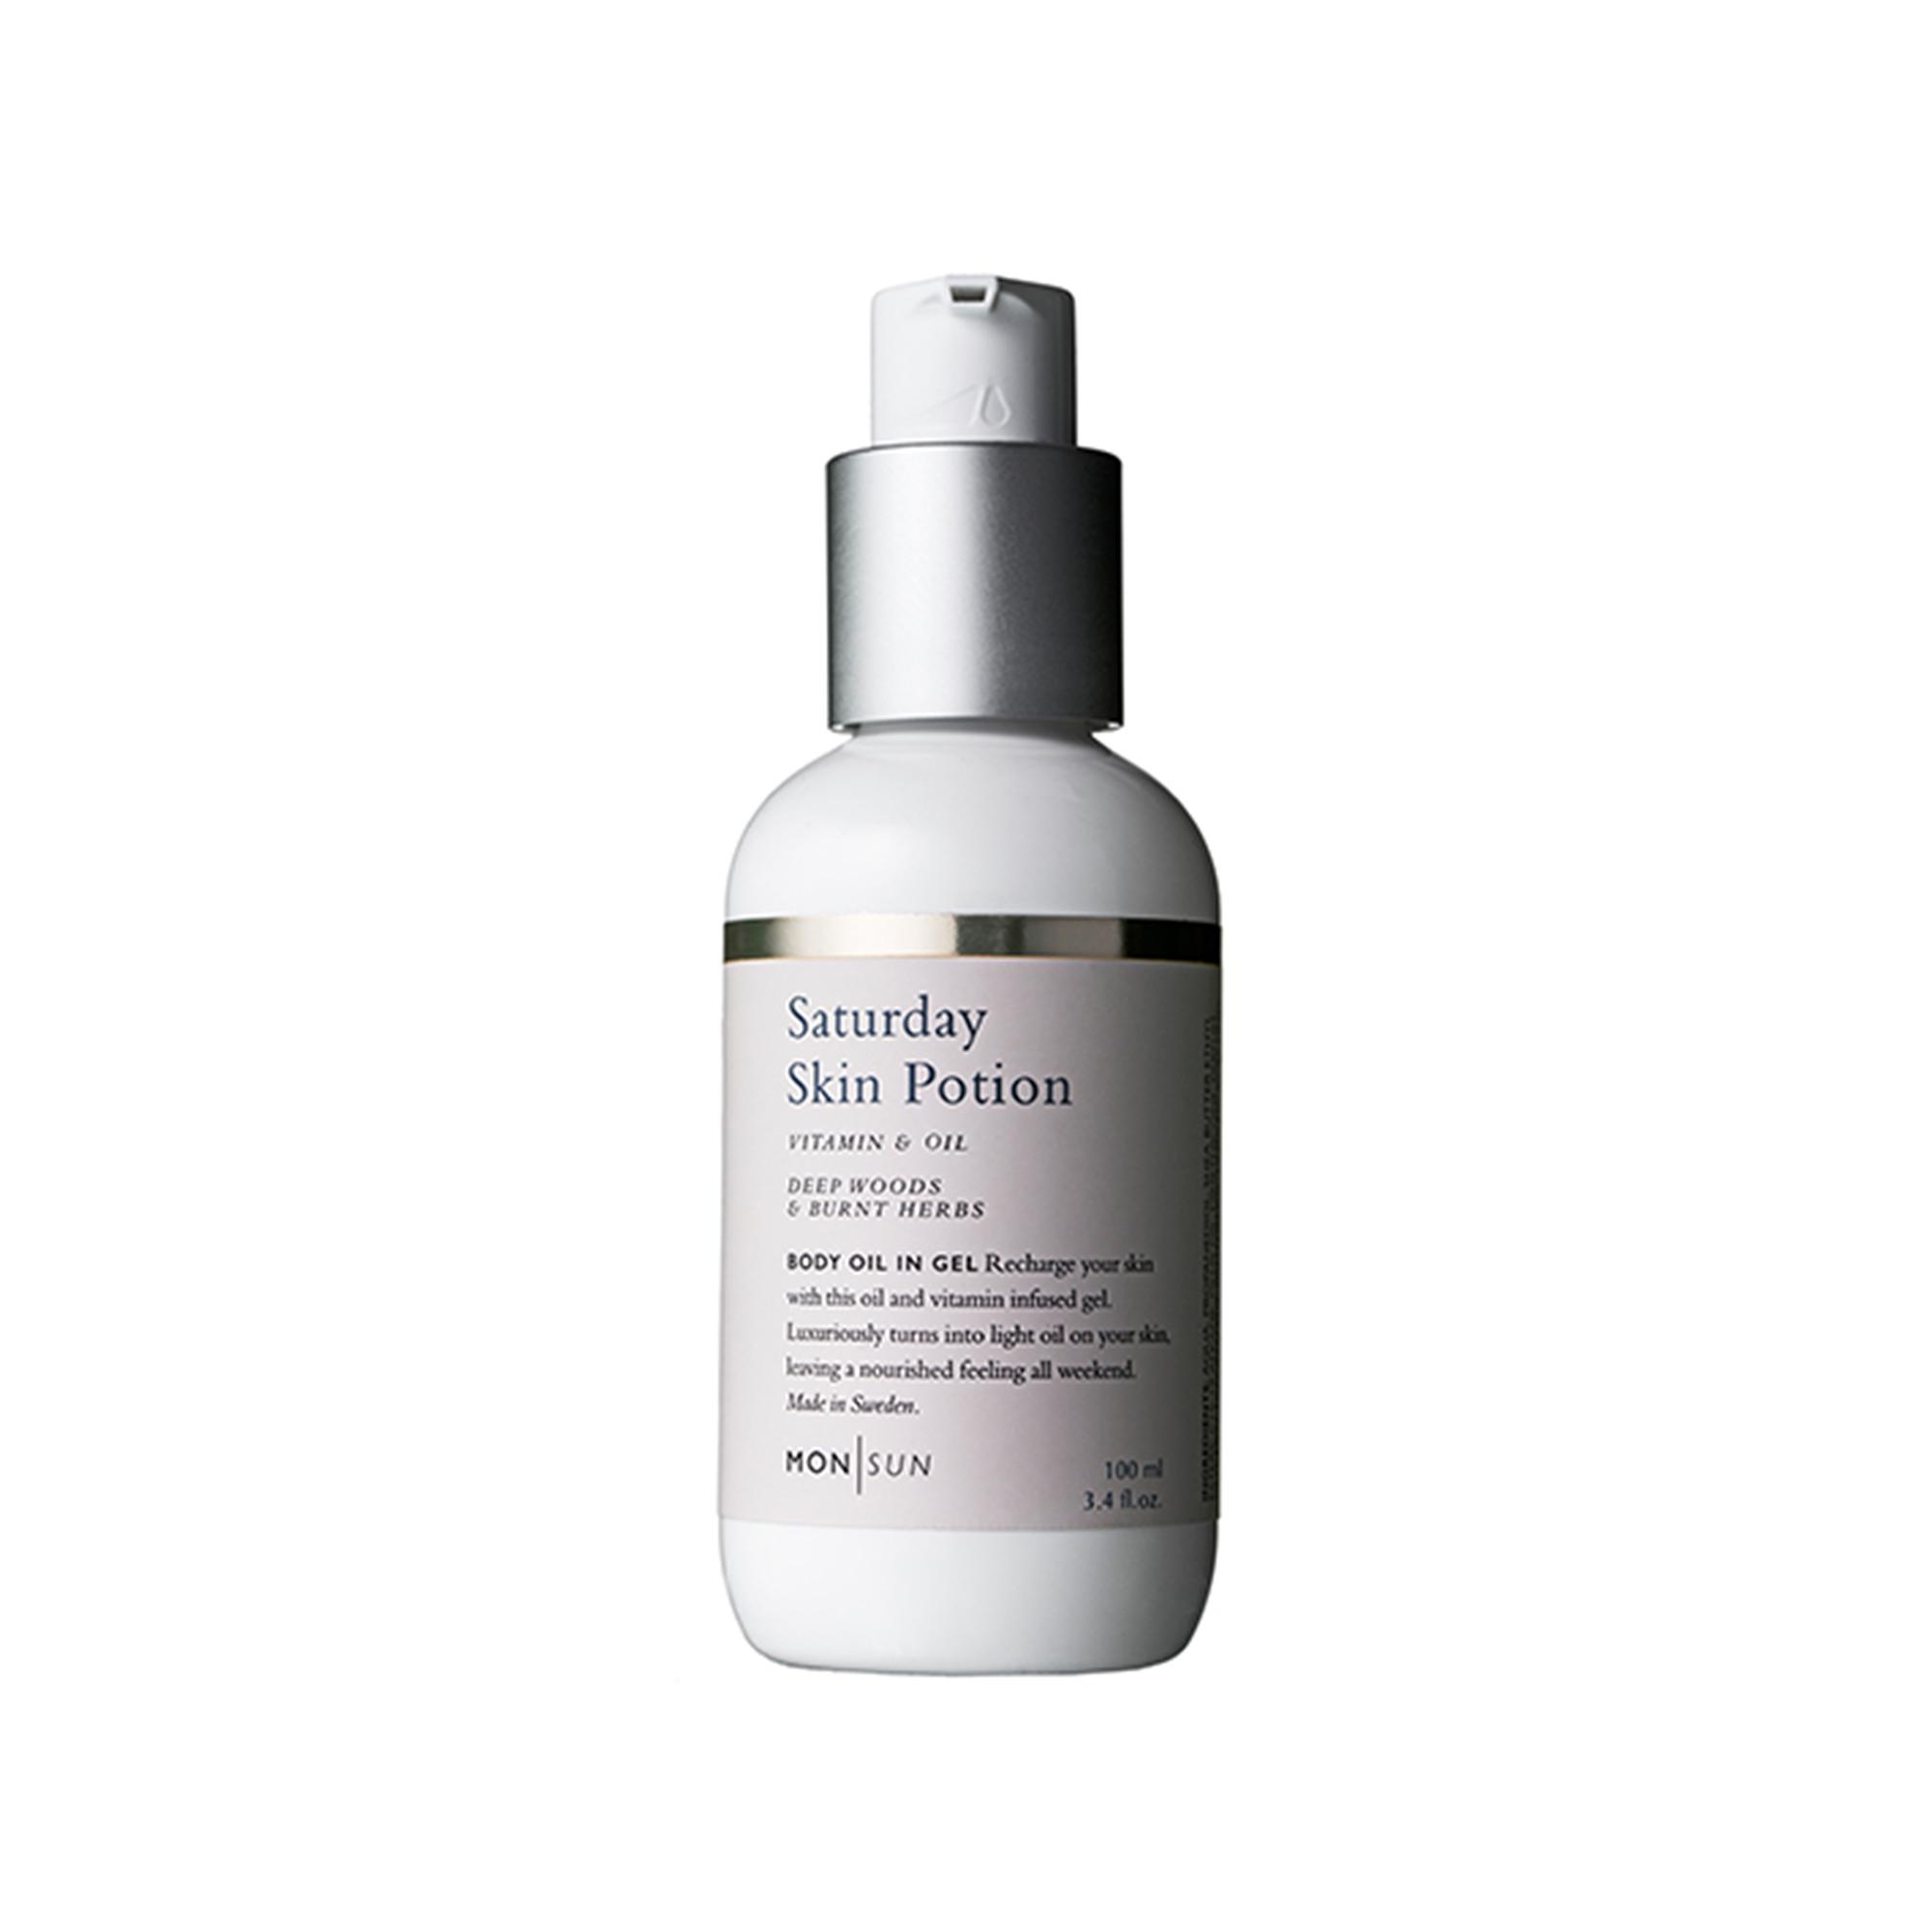 Saturday Skin Potion Vitamin & Oil Body Oil in Gel 100ml